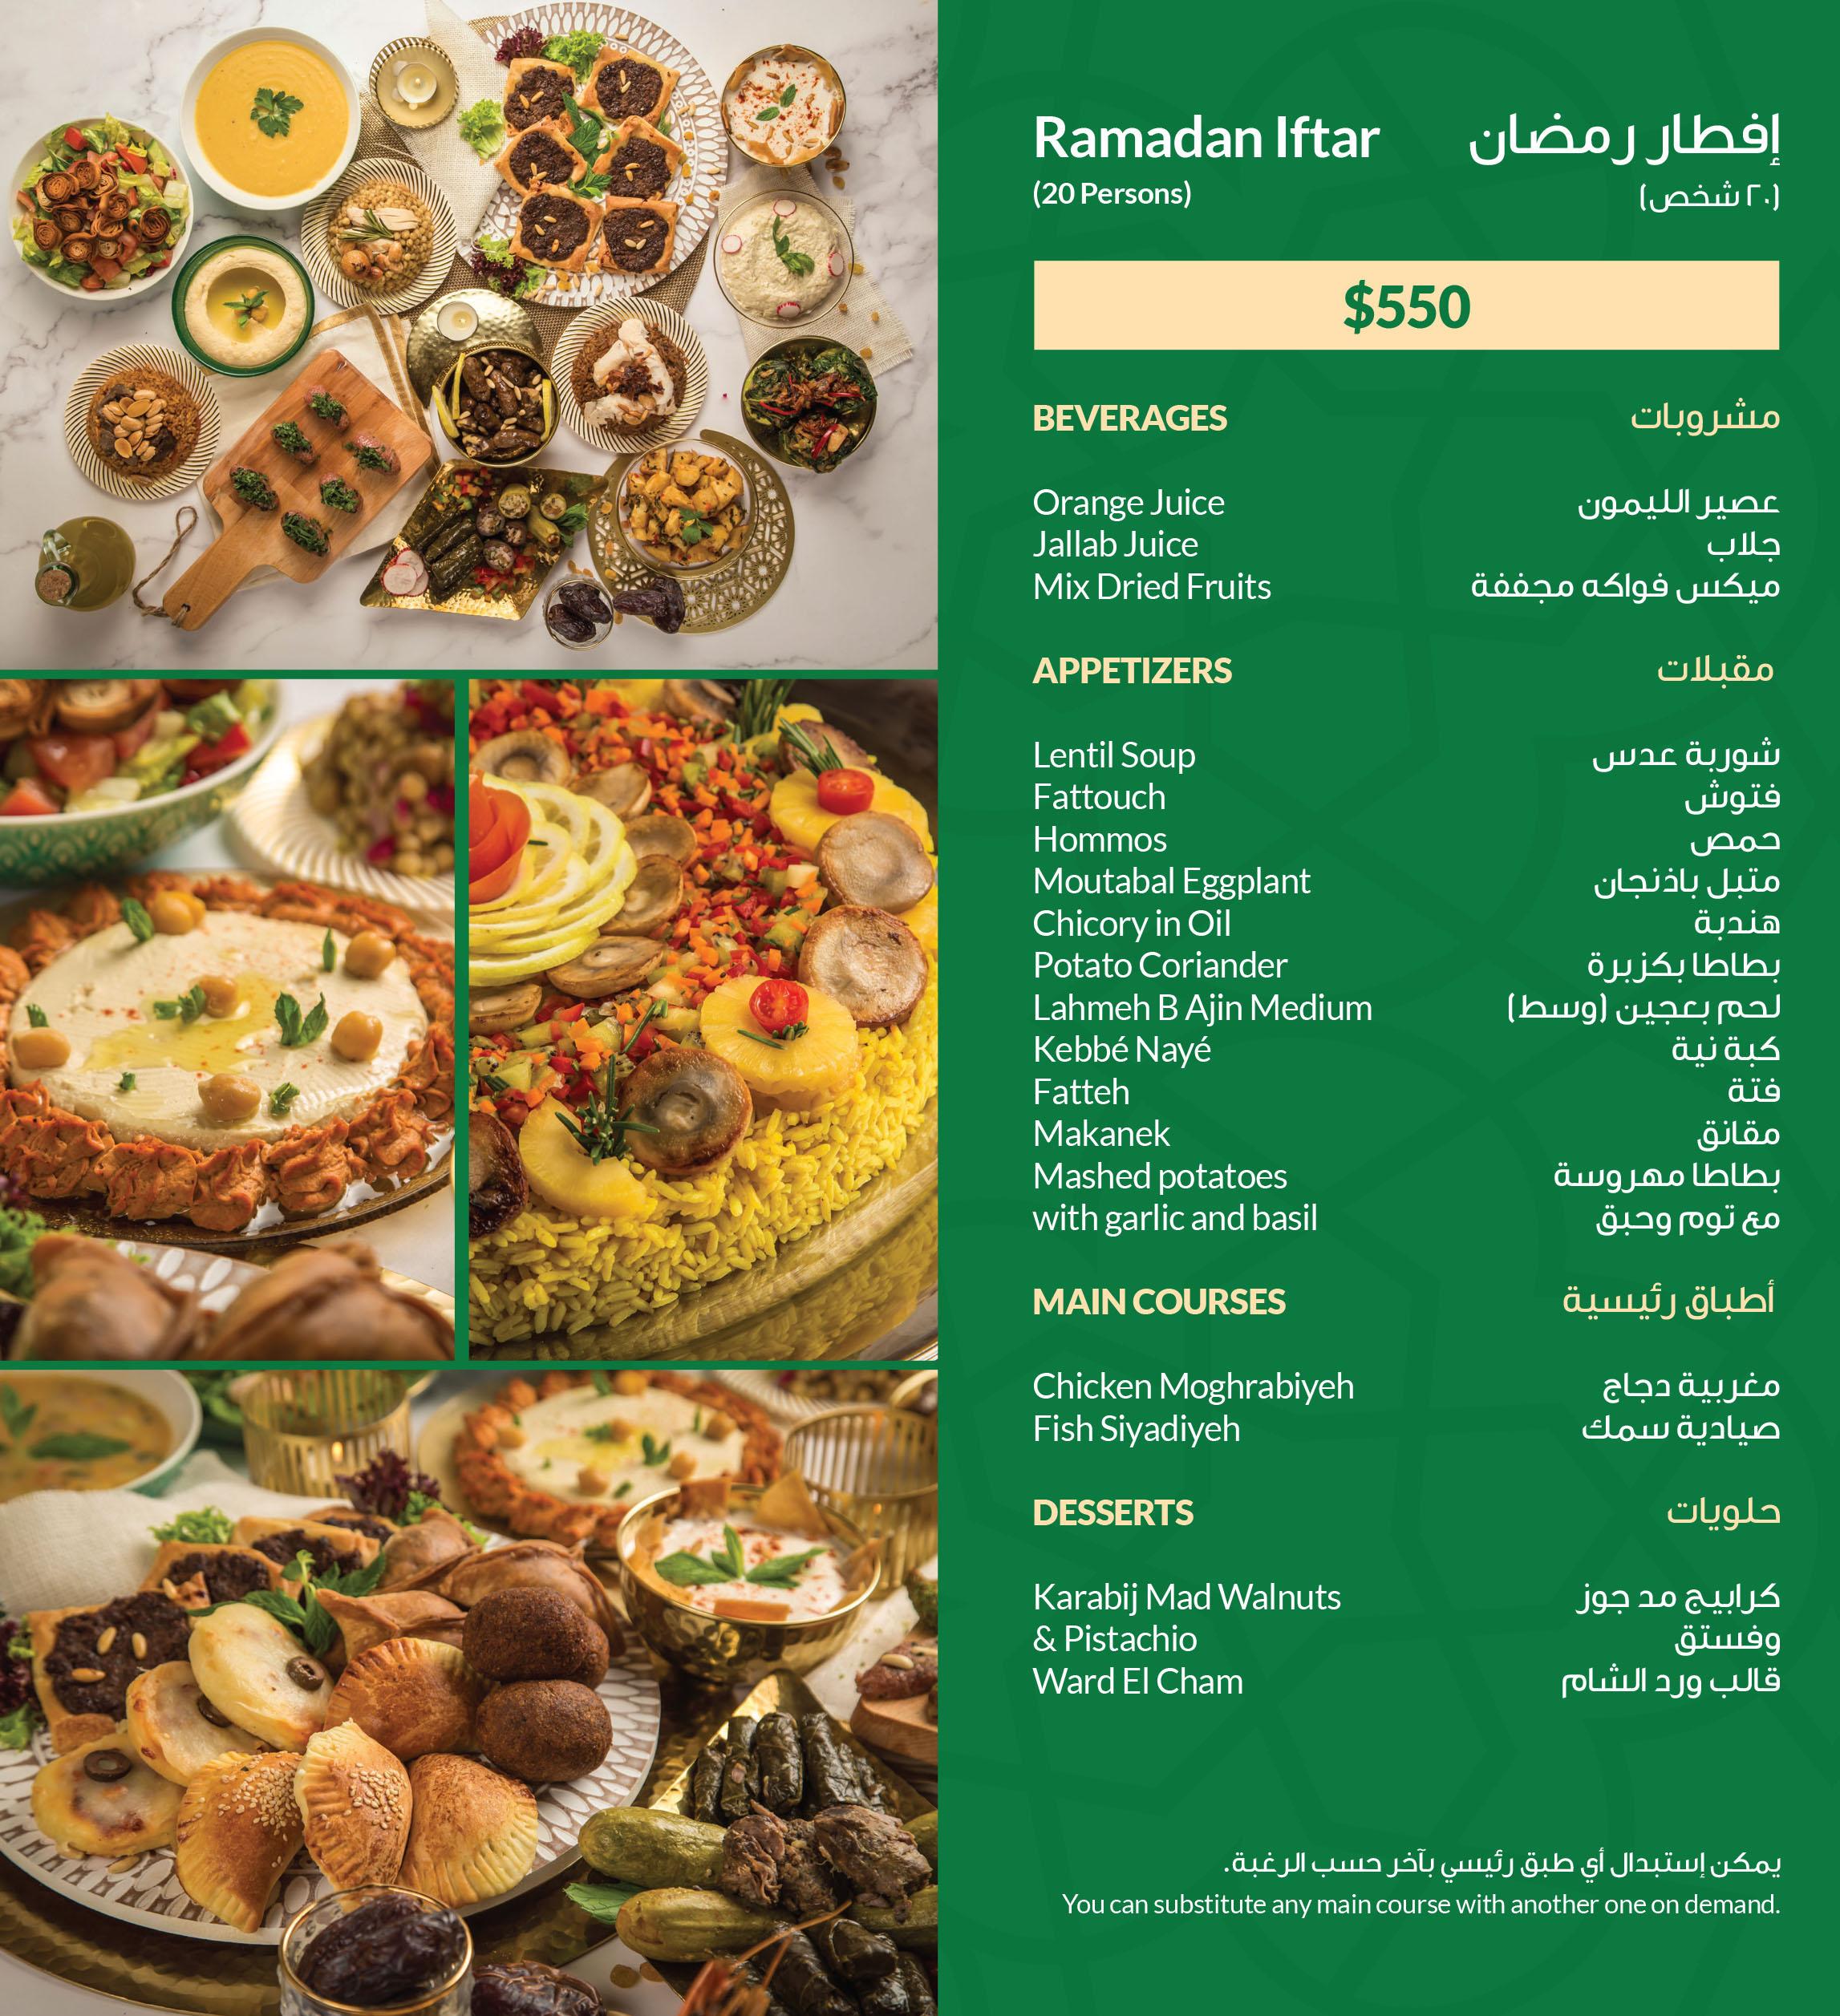 Ramadan Iftar (20 prs)